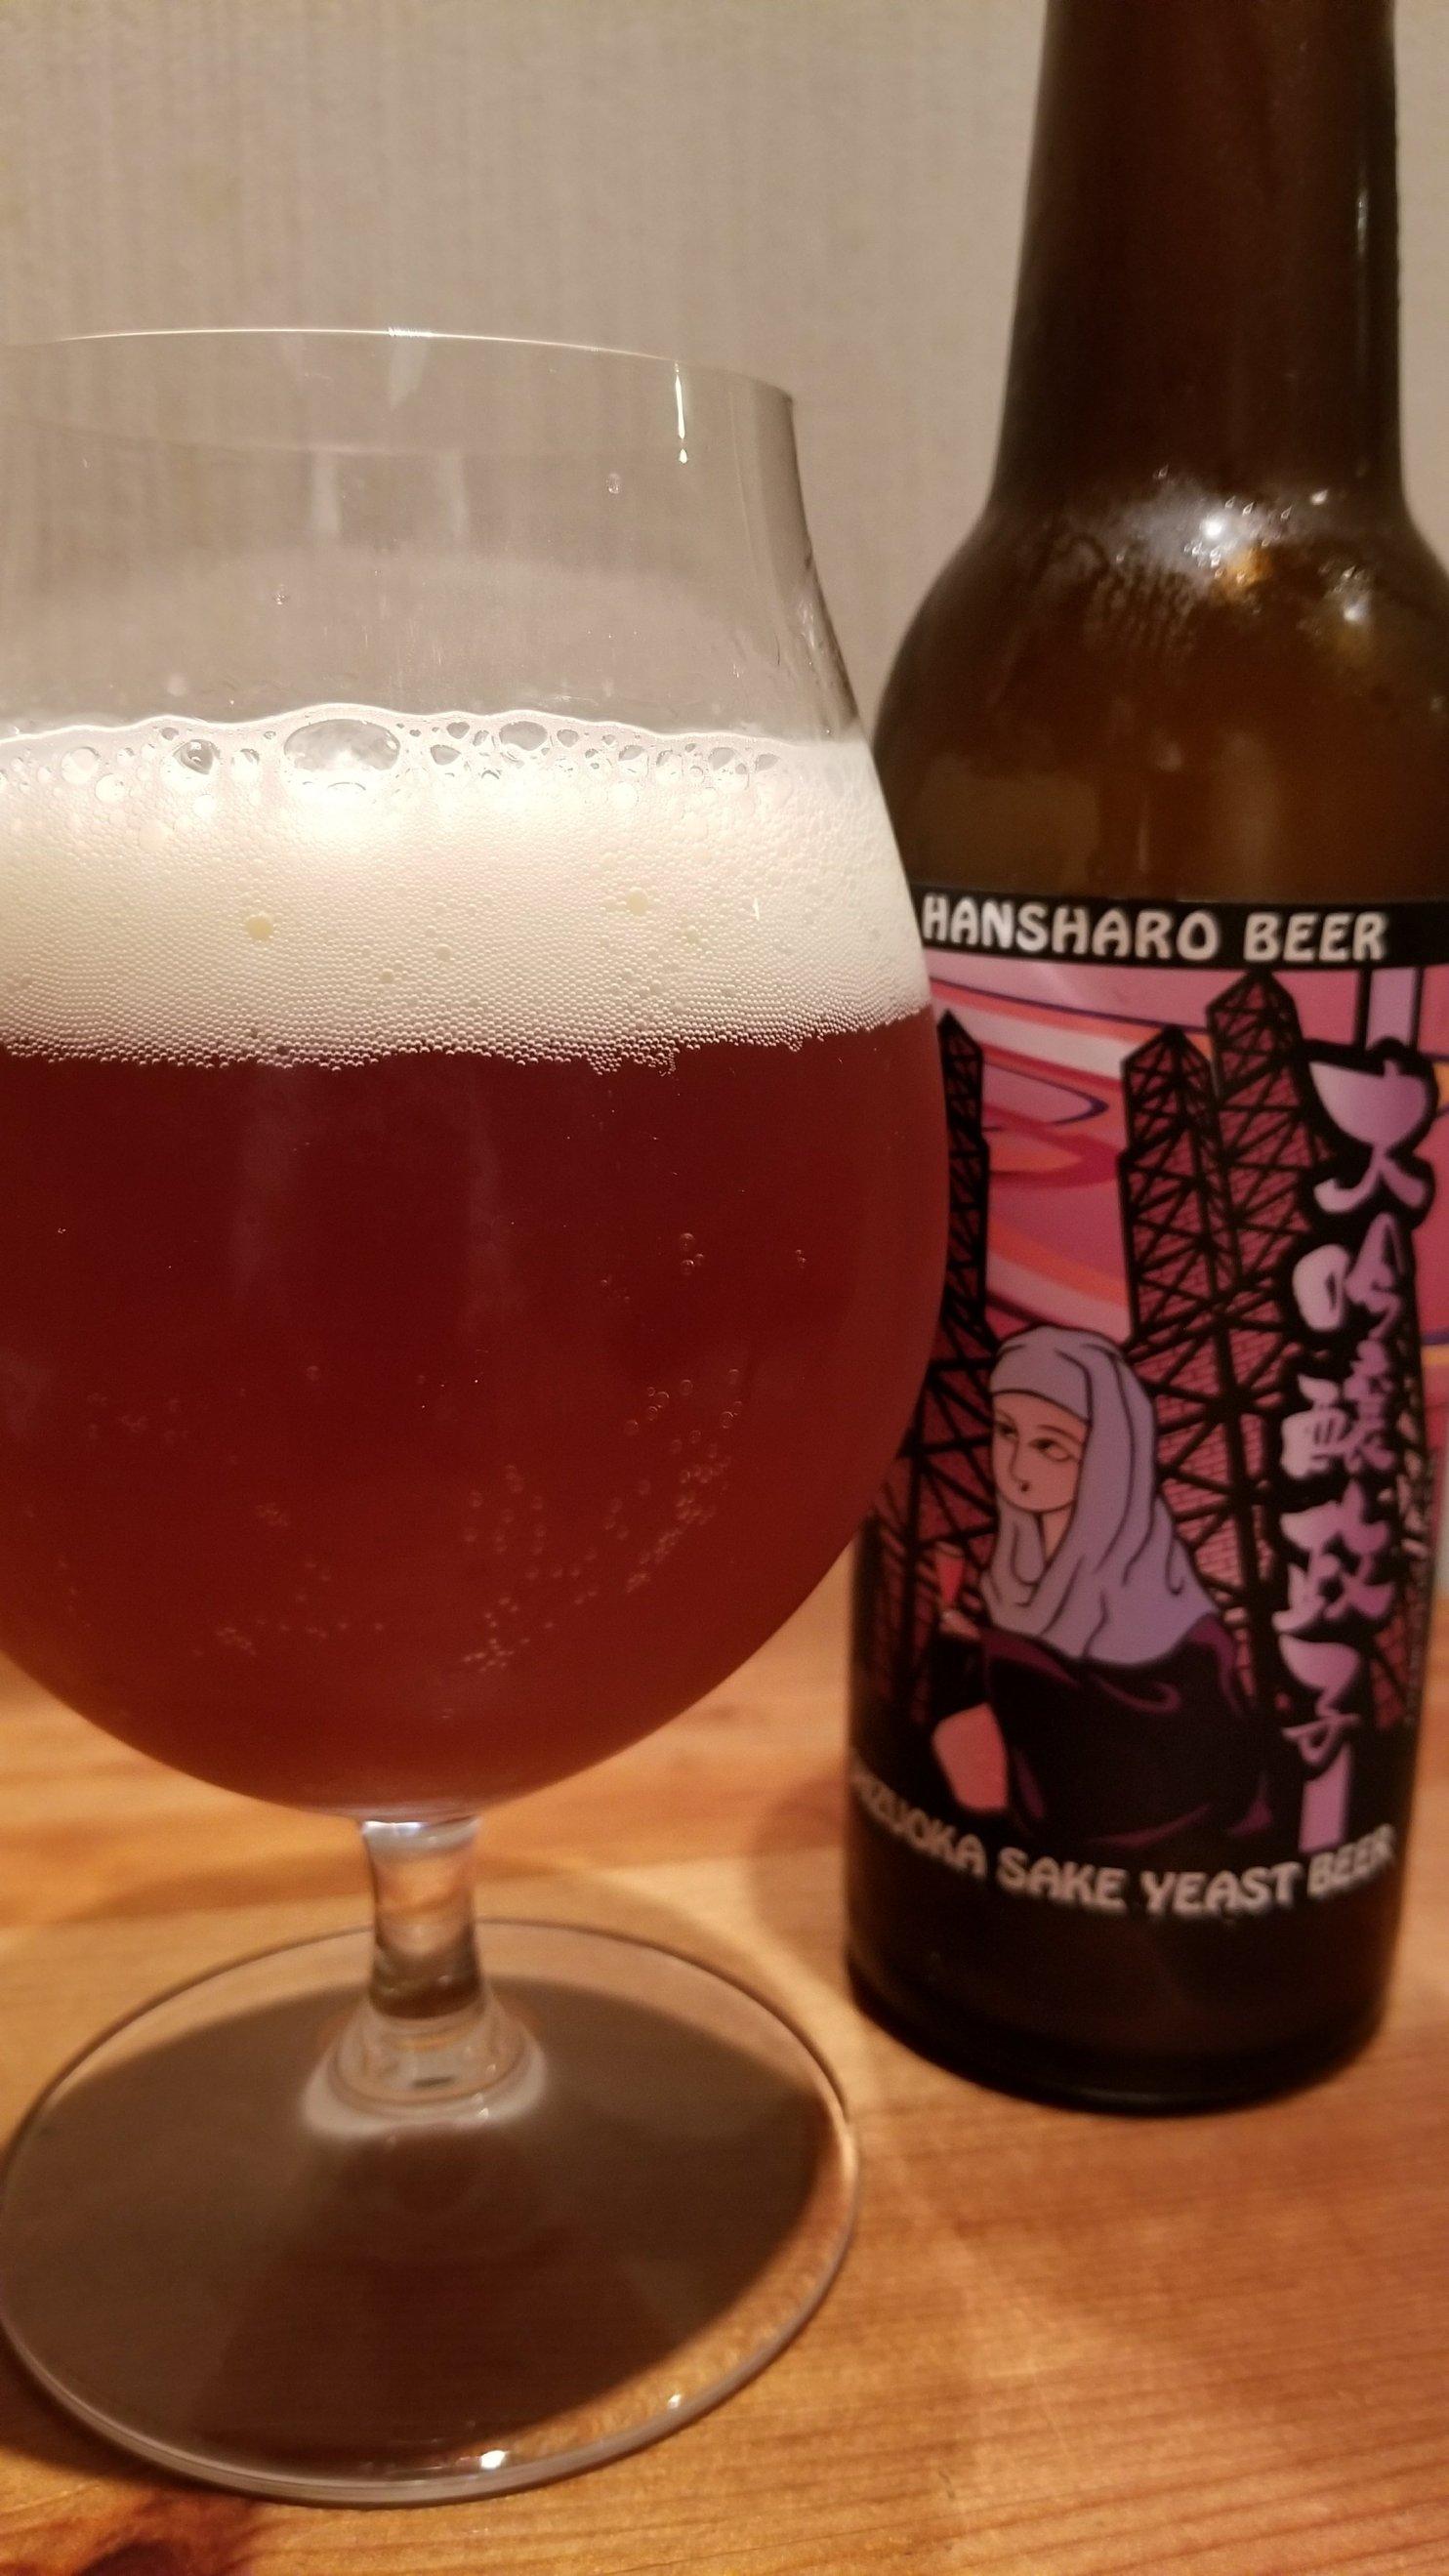 Hansharo Shizuoka Sake Yeast Beer 反射炉大吟醸ビール